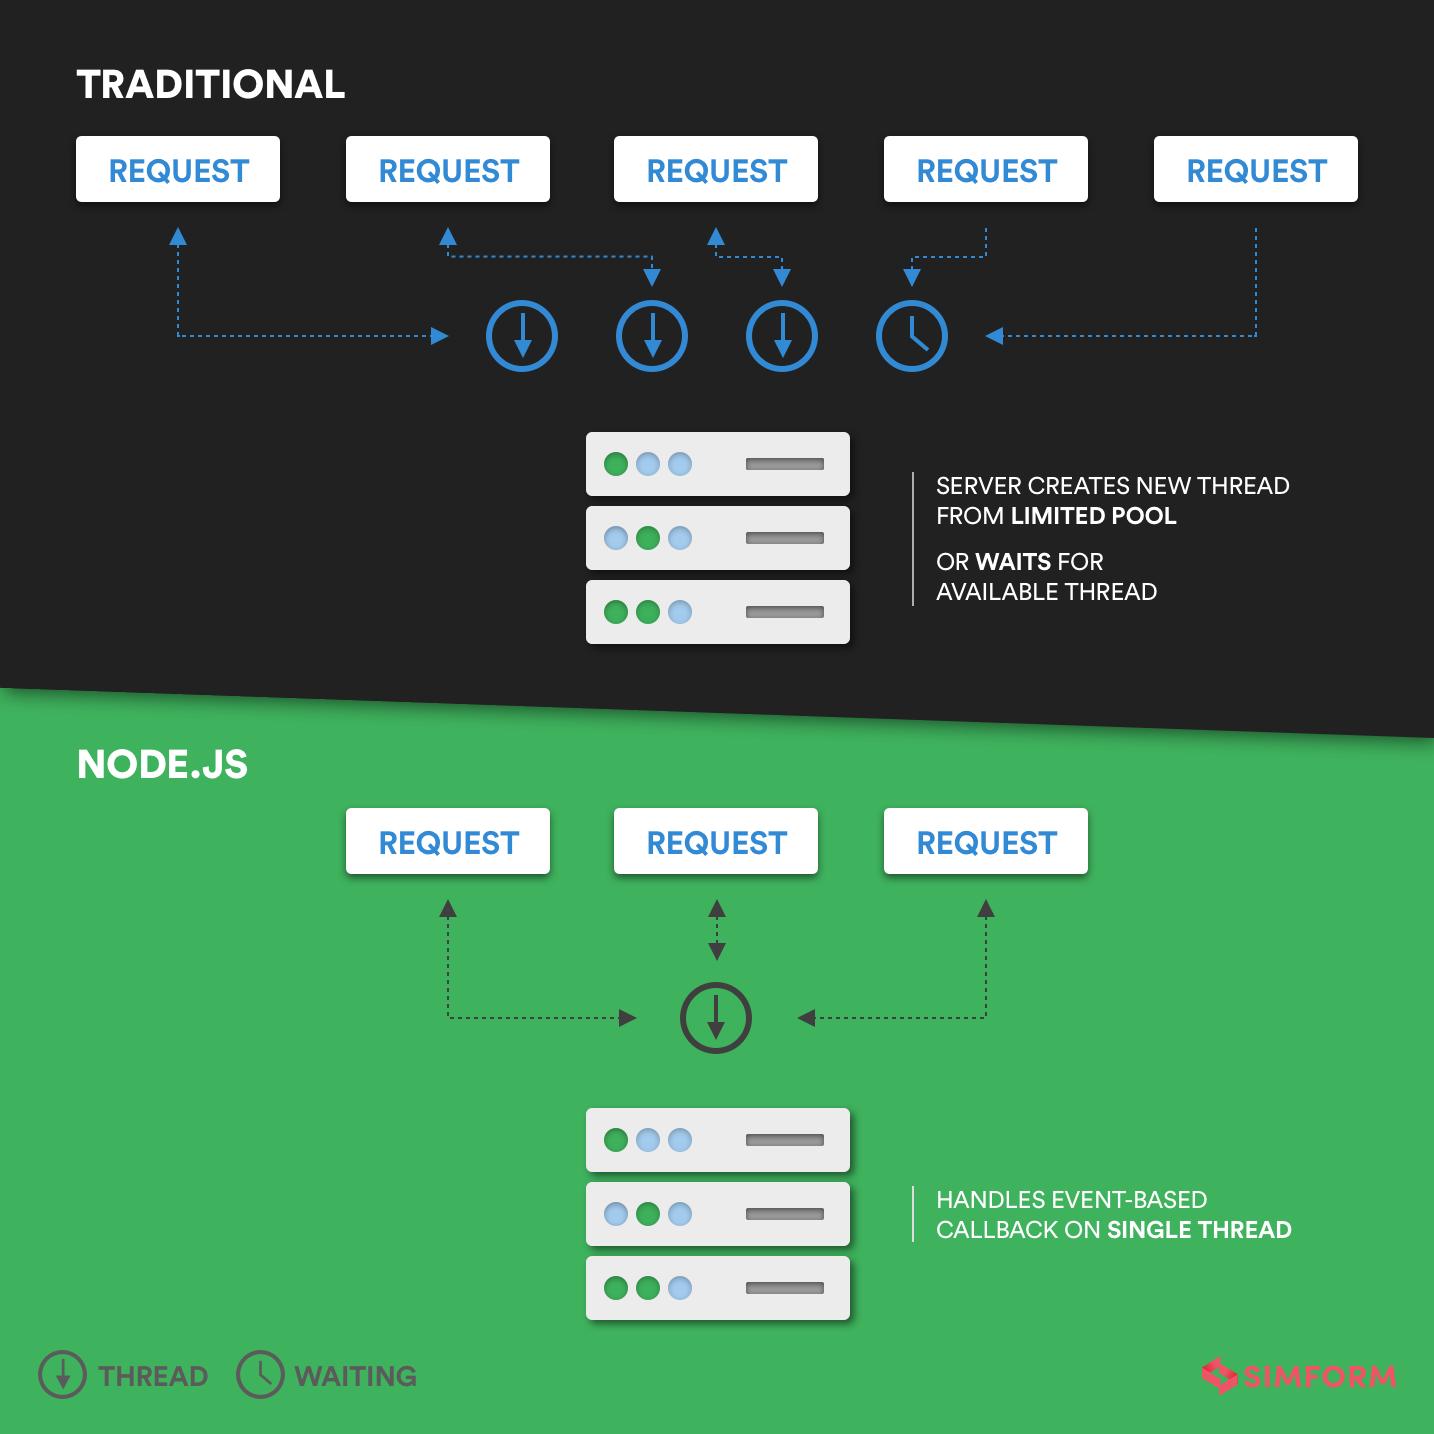 traditional vs node.js server thread